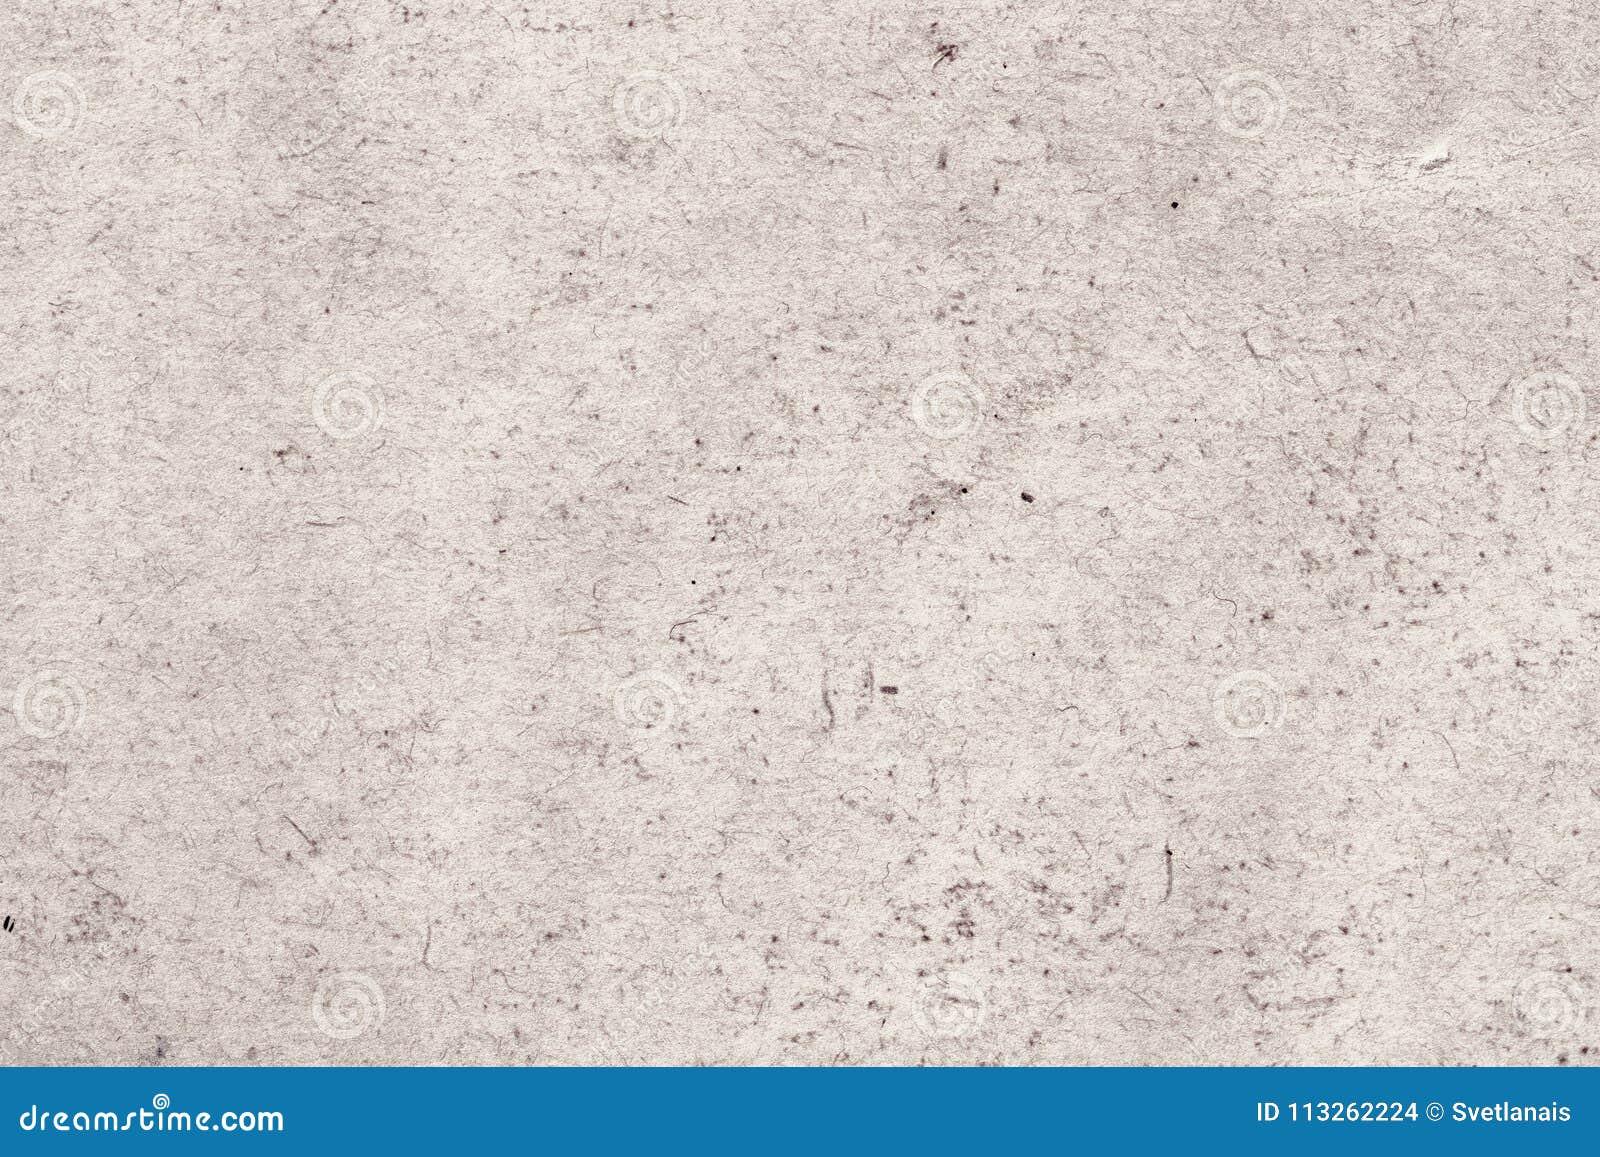 Рециклируемый бетон марка 50 готовый кладочный цементный раствор